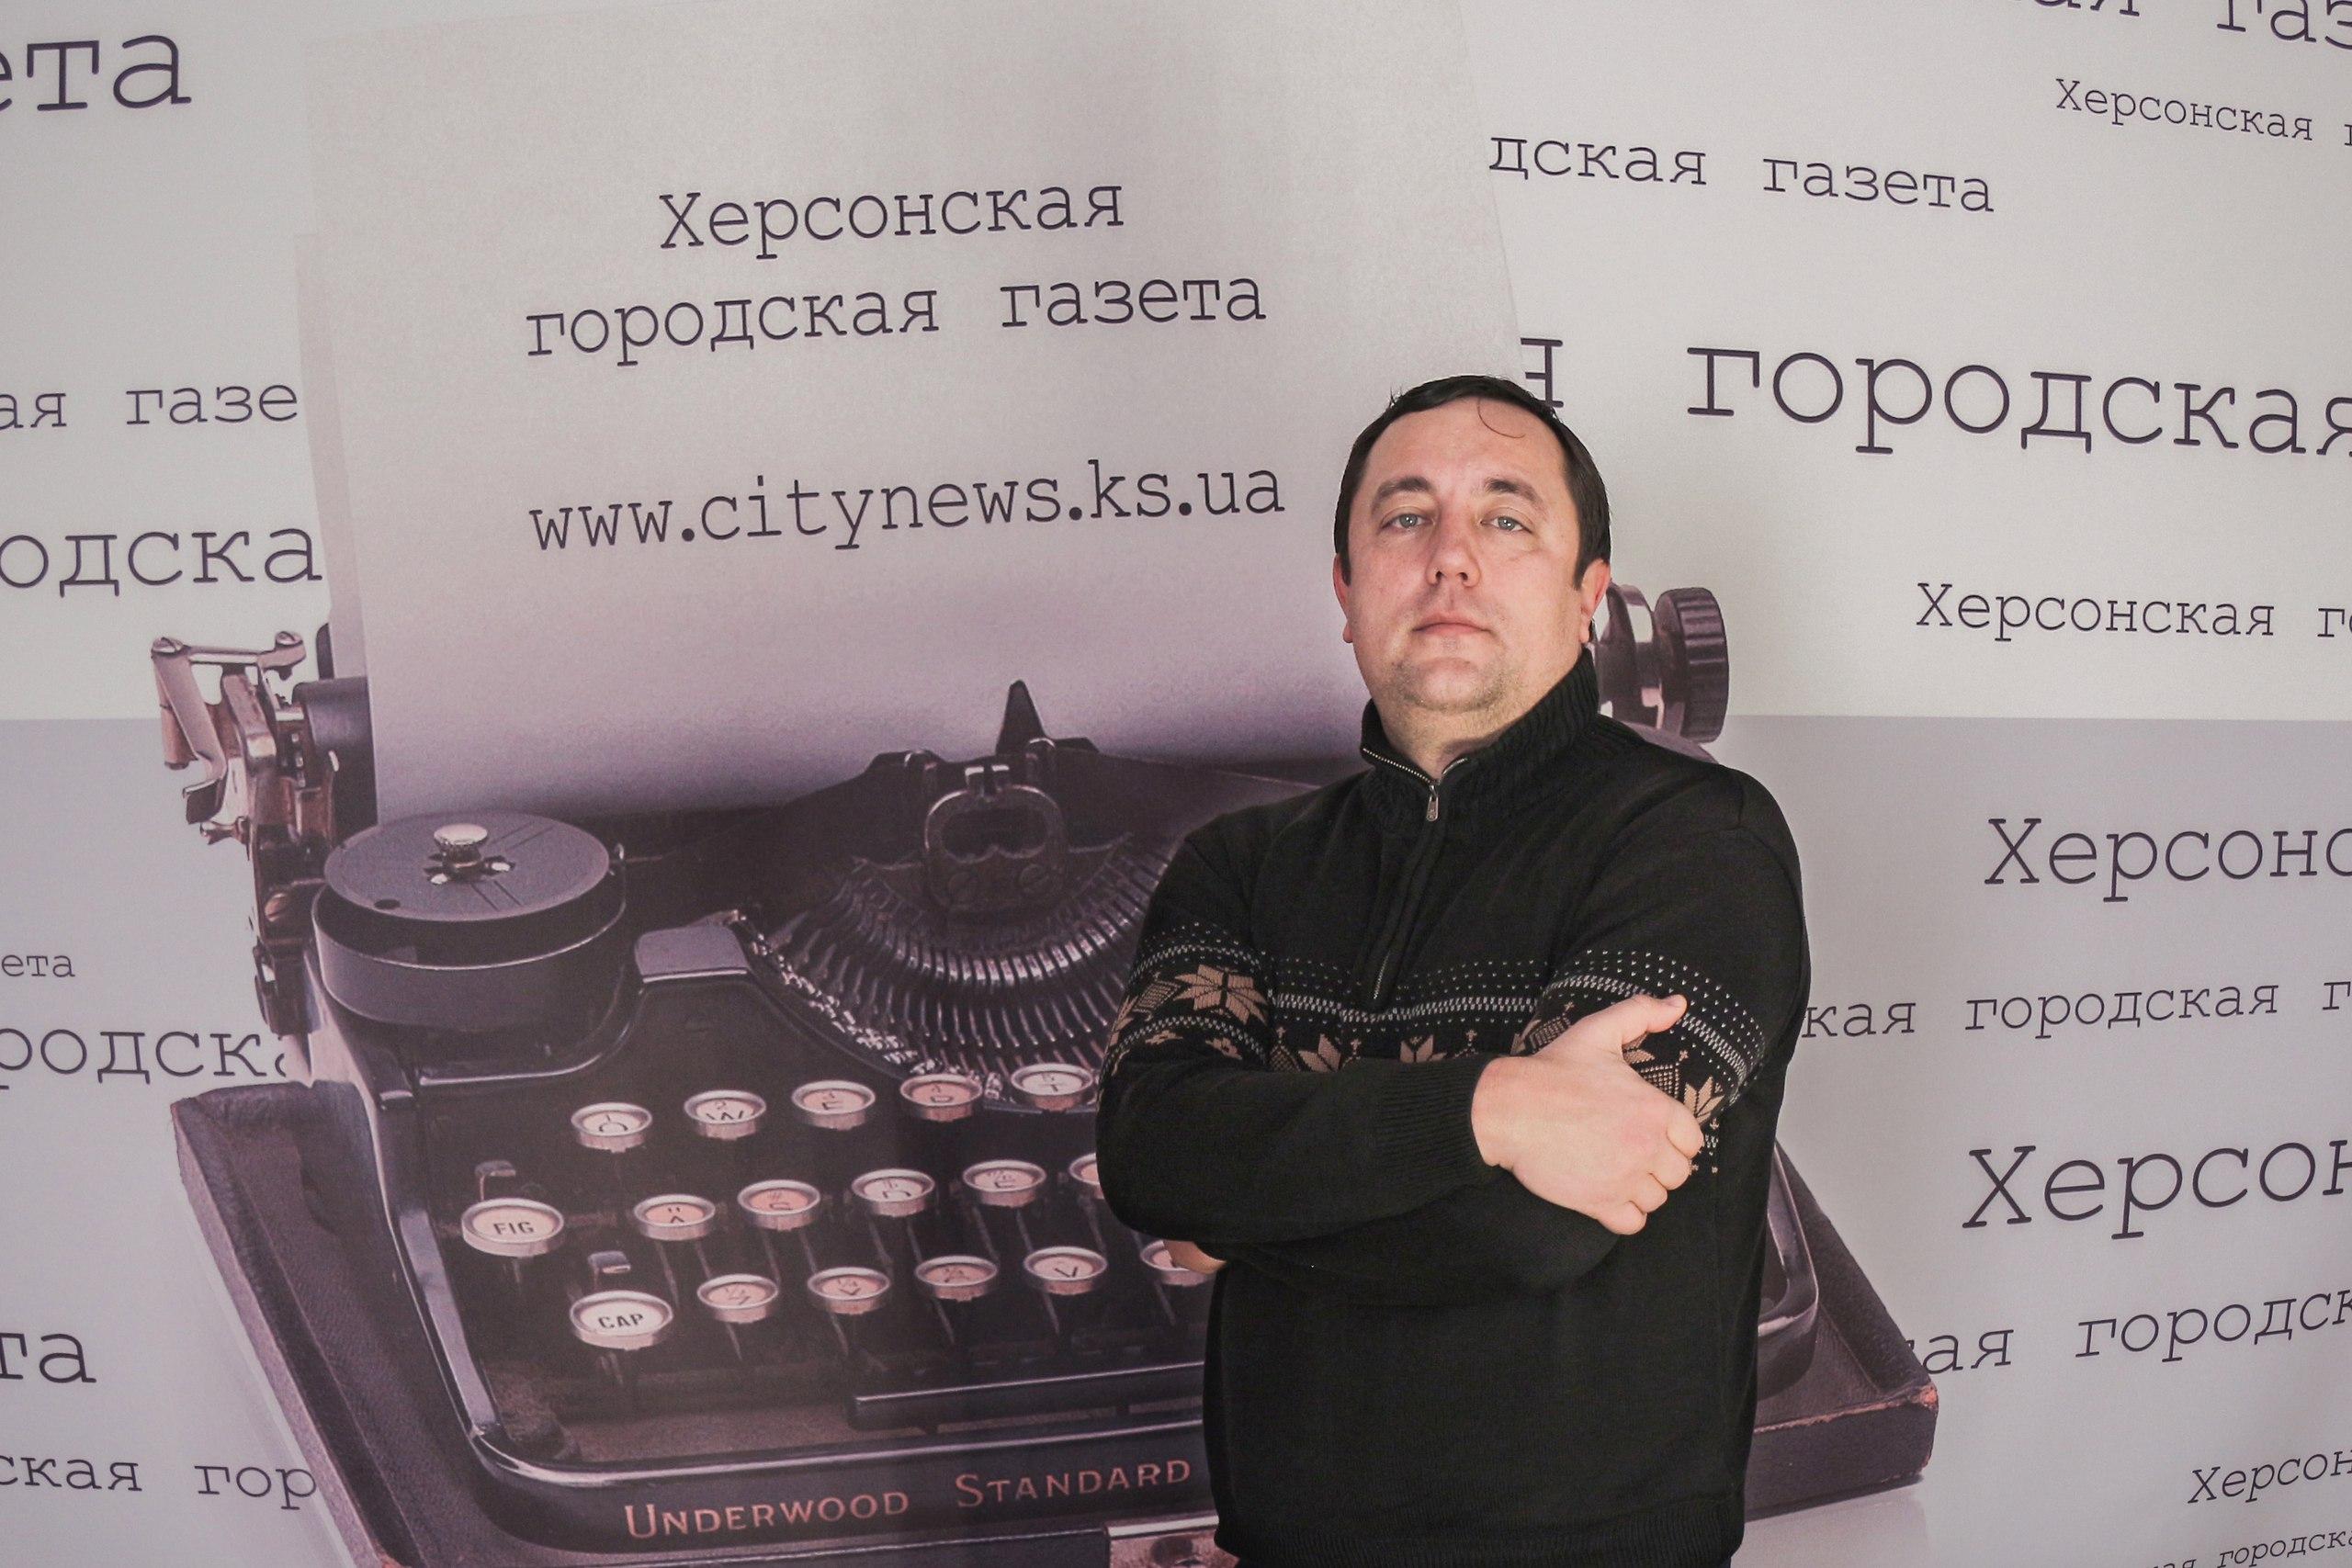 Виталий Богданов - мэр должен быть обязан Пастуху